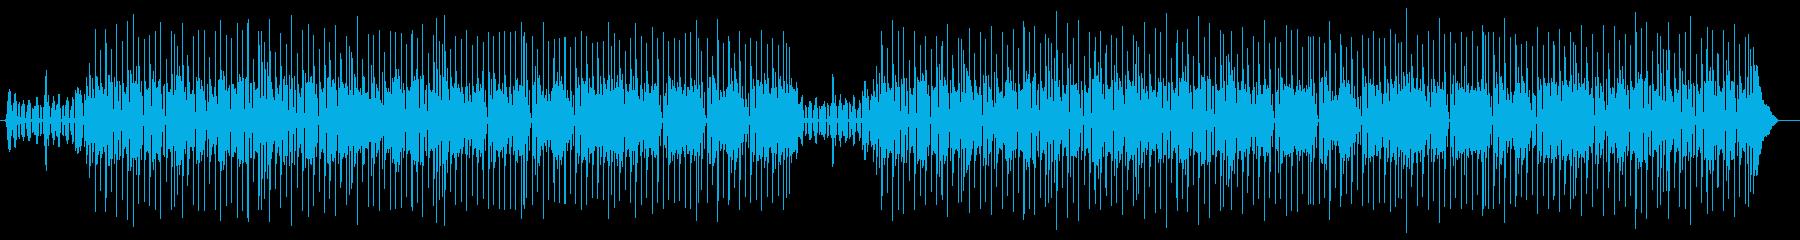 ゆったりとリラックスシンセポップス曲の再生済みの波形